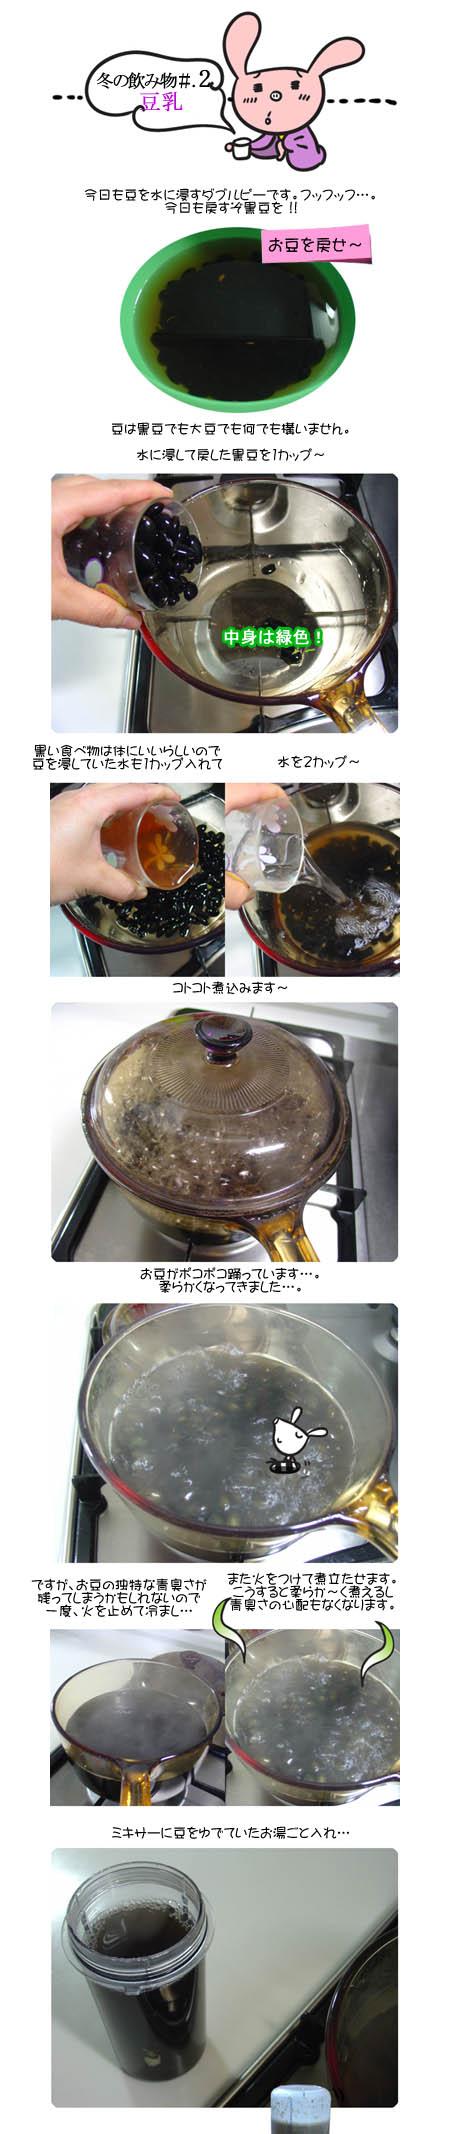 韓国飲み物スジョングァ